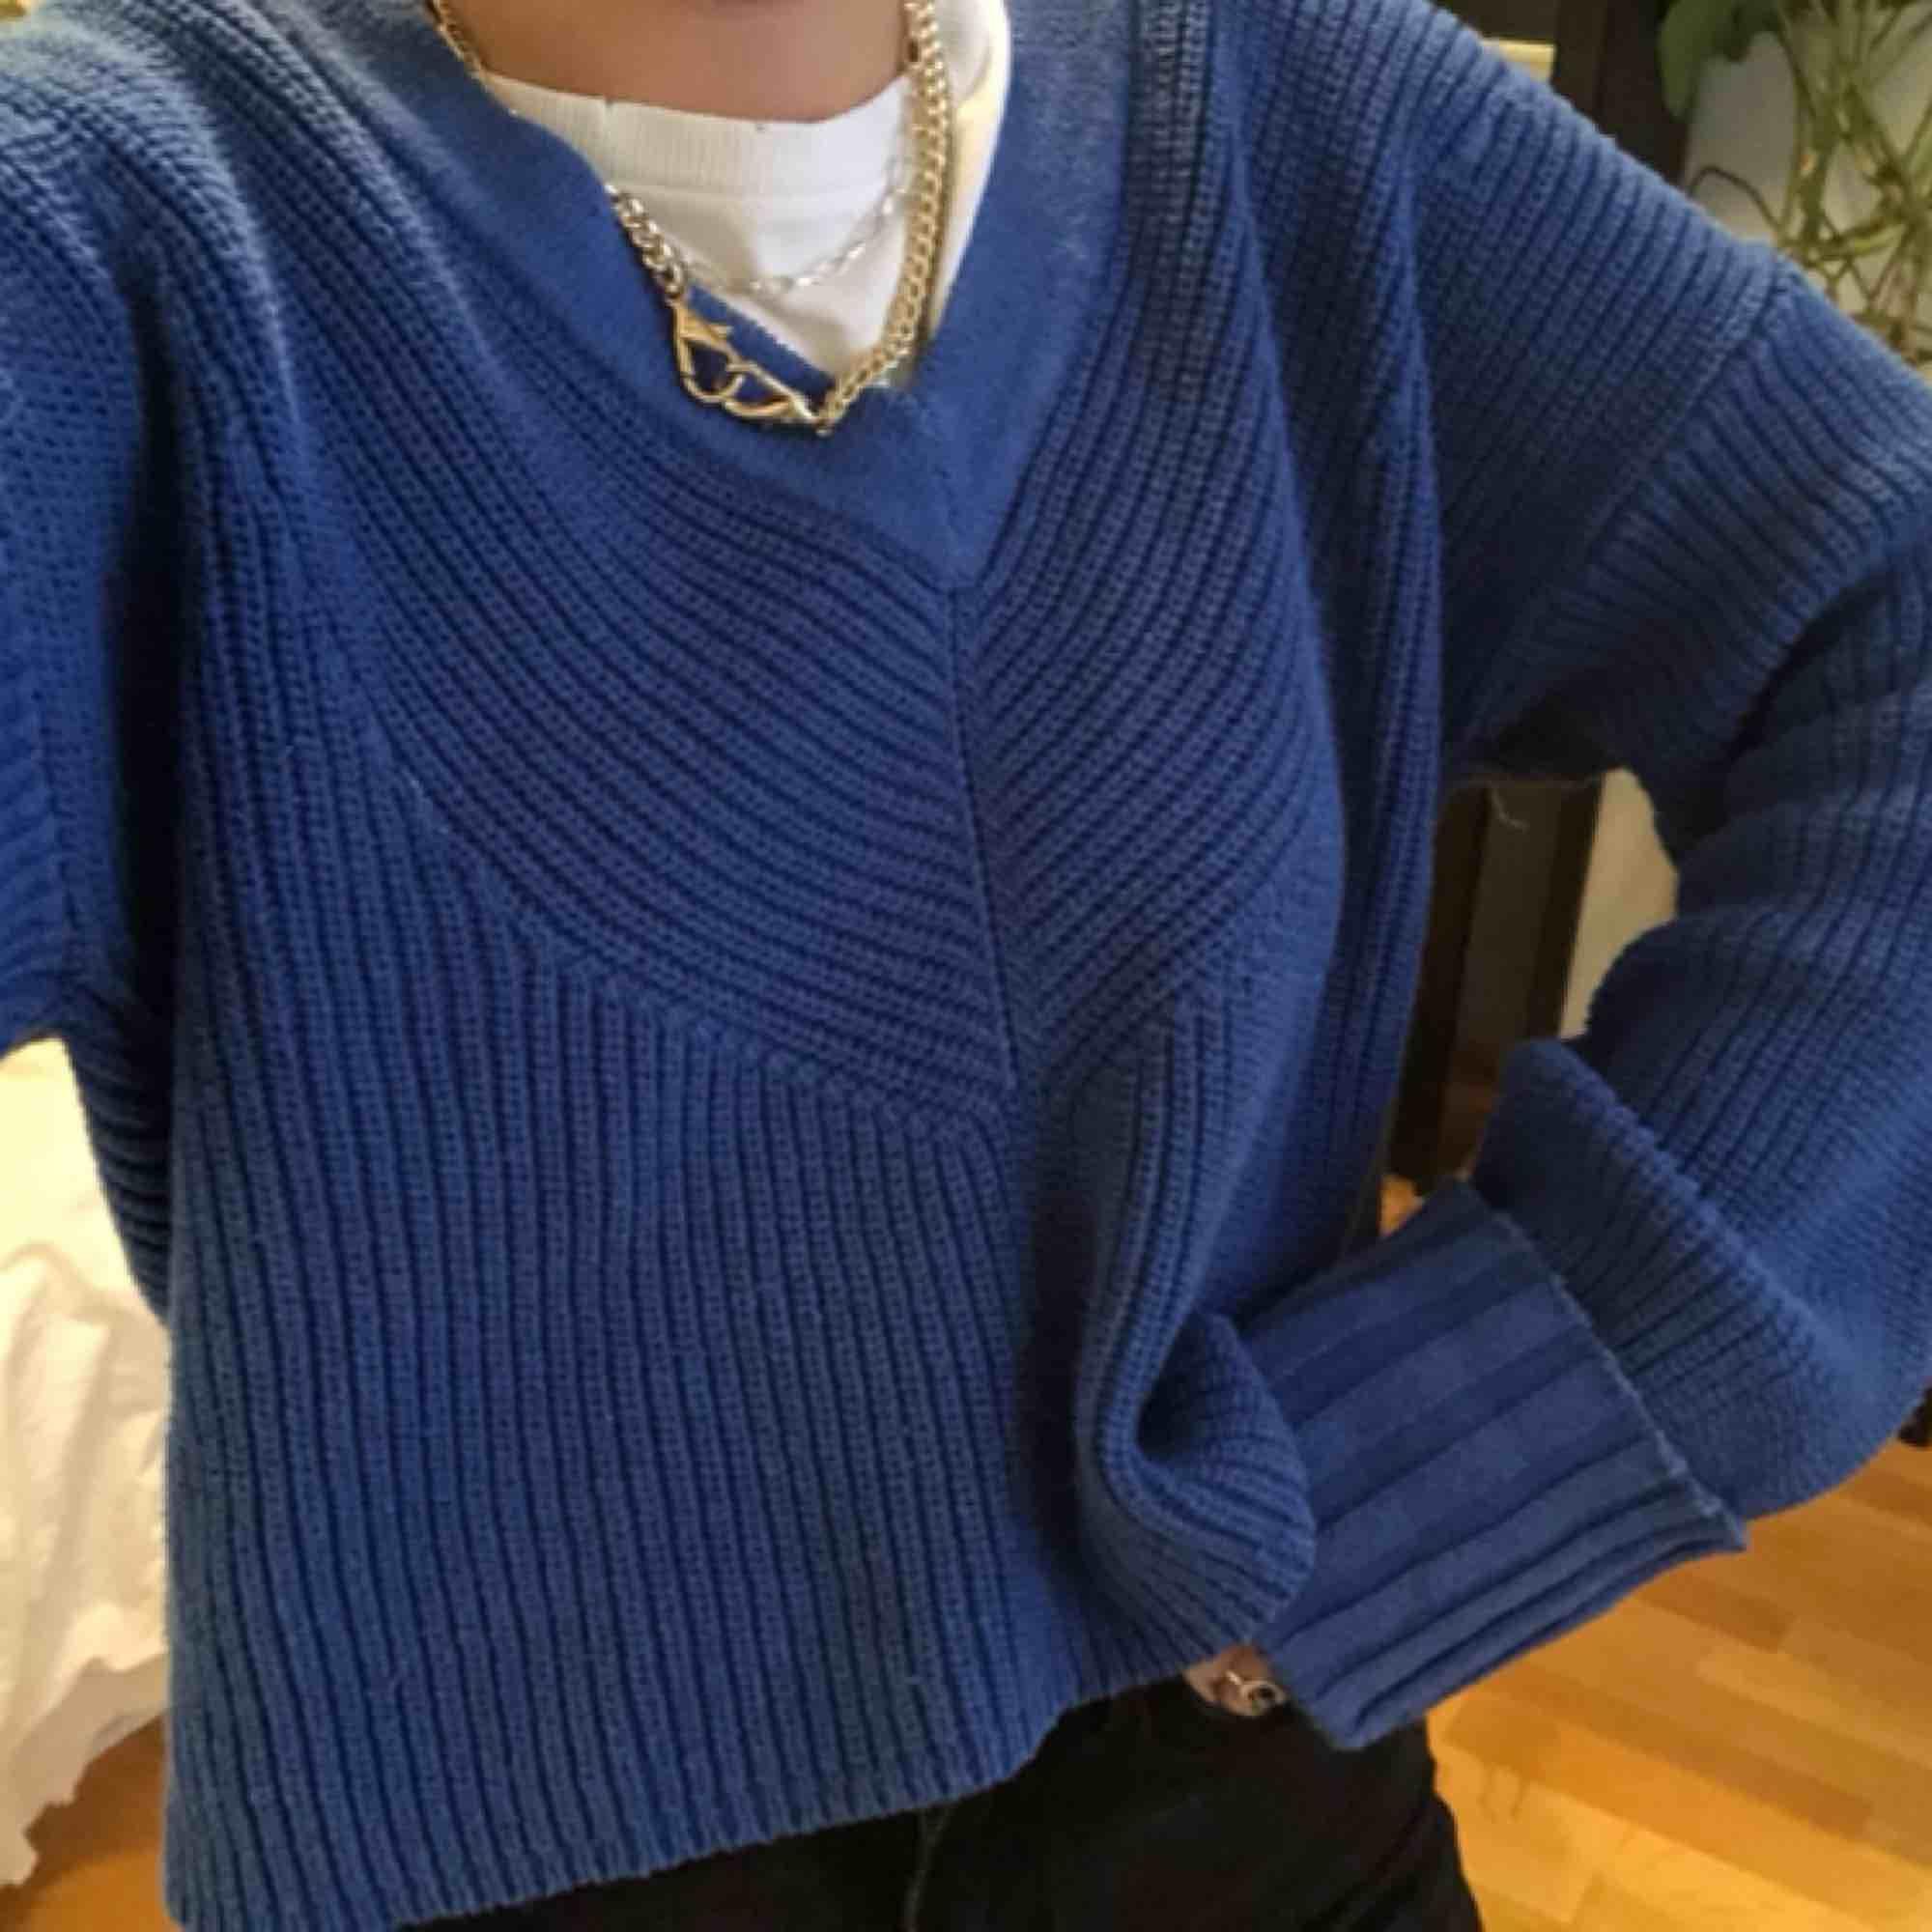 Blå stickad tröja från lindex🧚🏼♀️💘 V-ringad & långa uppvikta ärmar, samt coolt med en dragkedja där bak🤭💘 lite kortare modell & passar nog fler än S, beroende på önskad passform🧚🏼♀️. Stickat.